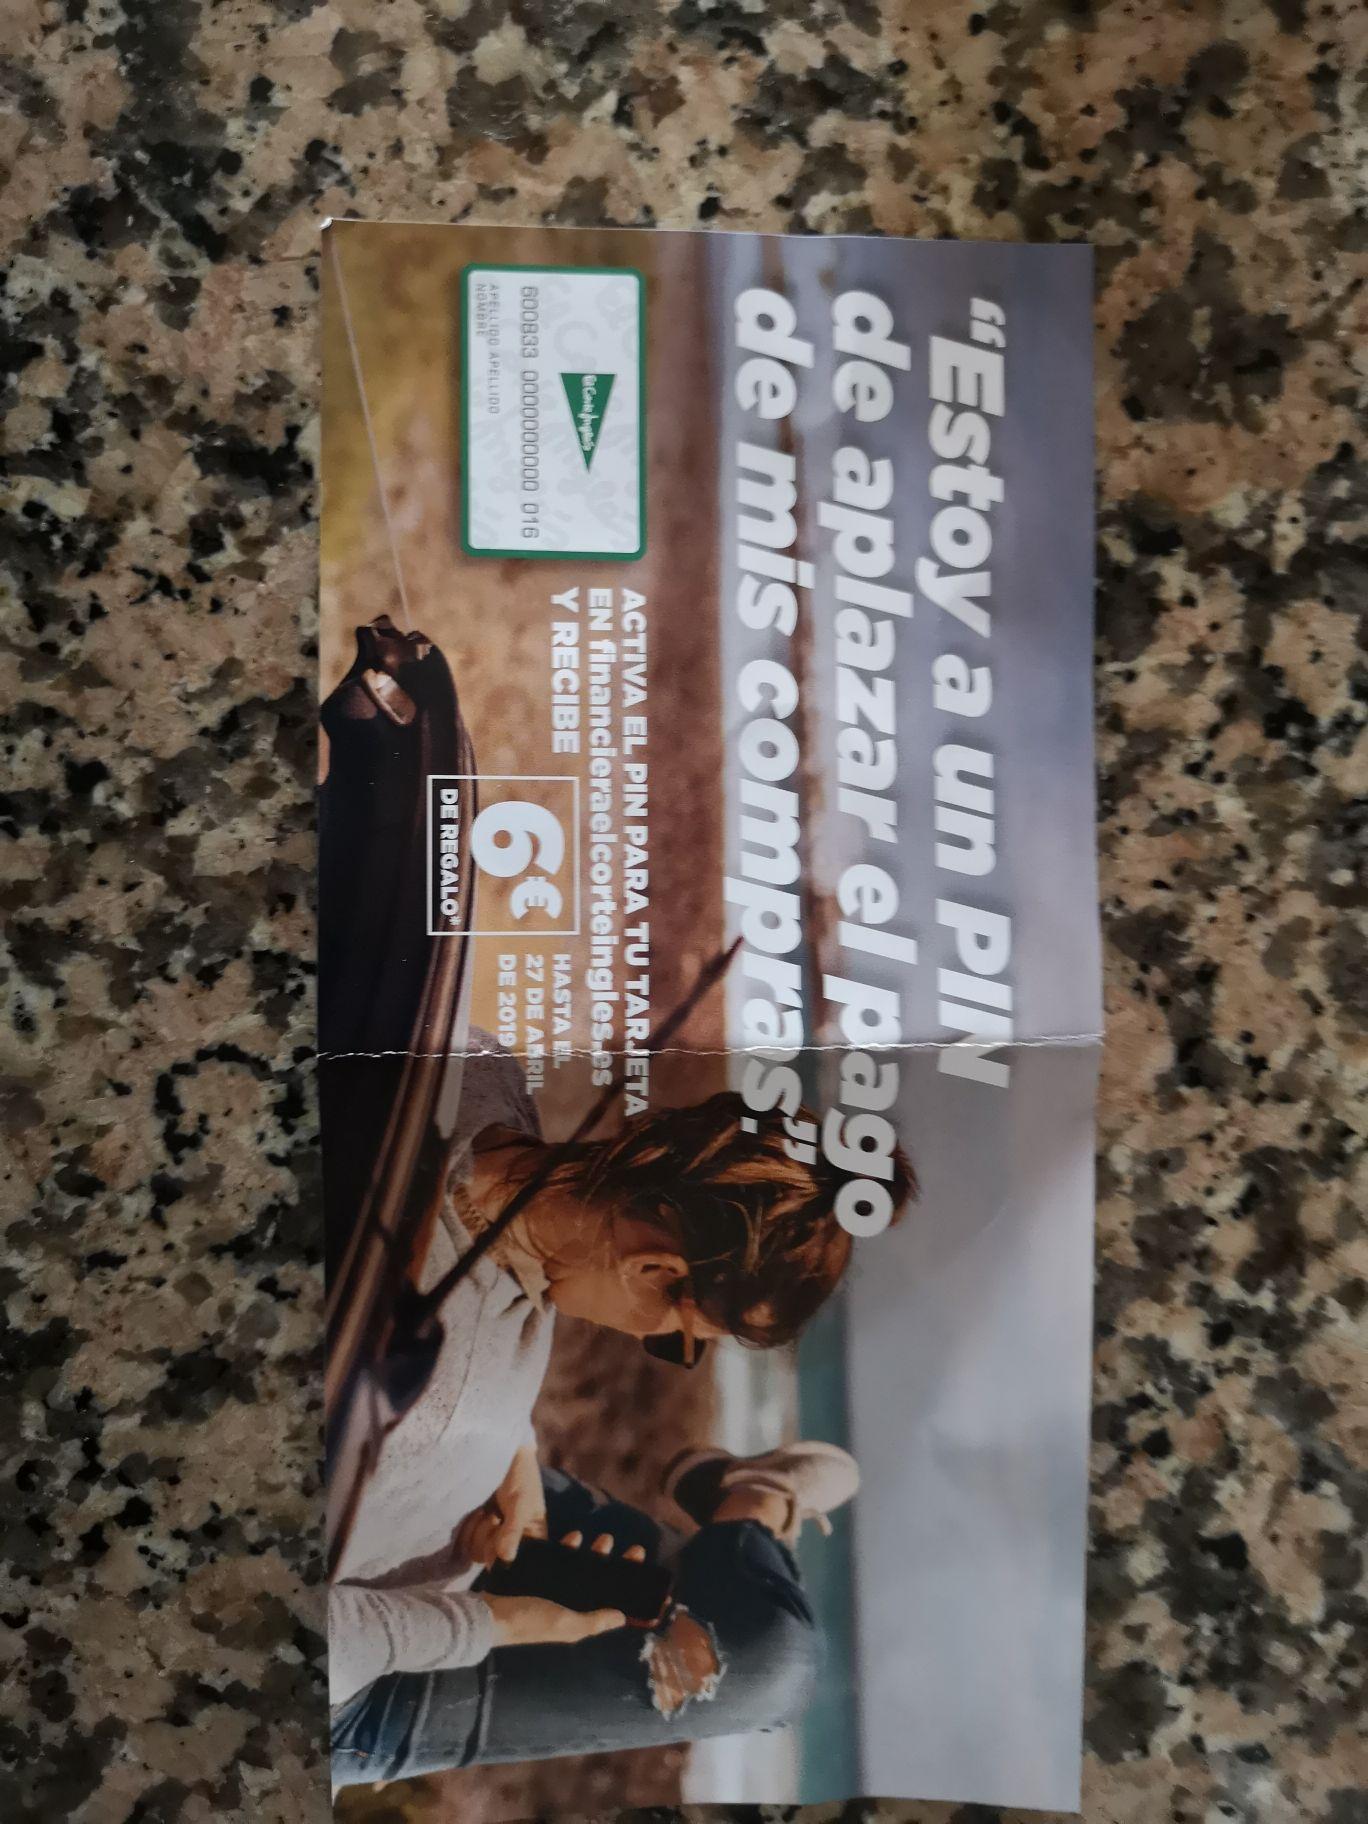 6€ de descuento en el corte inglés al activar el pin de tu tarjeta